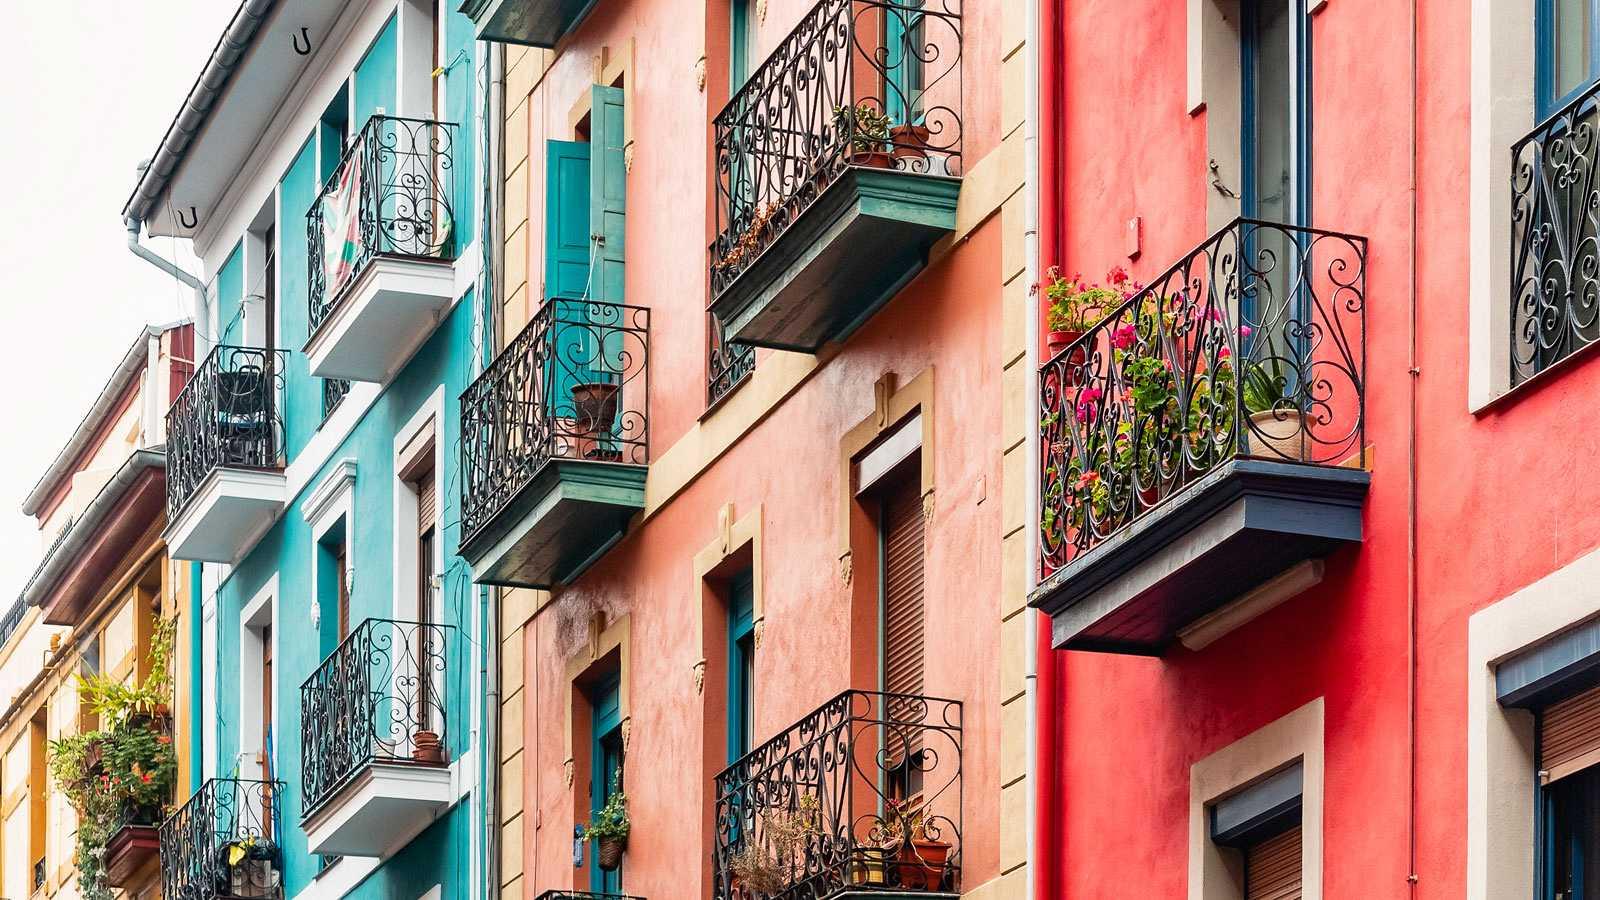 Las hipotecas para la compra de vivienda bajan un 17,5 % en marzo en Canarias